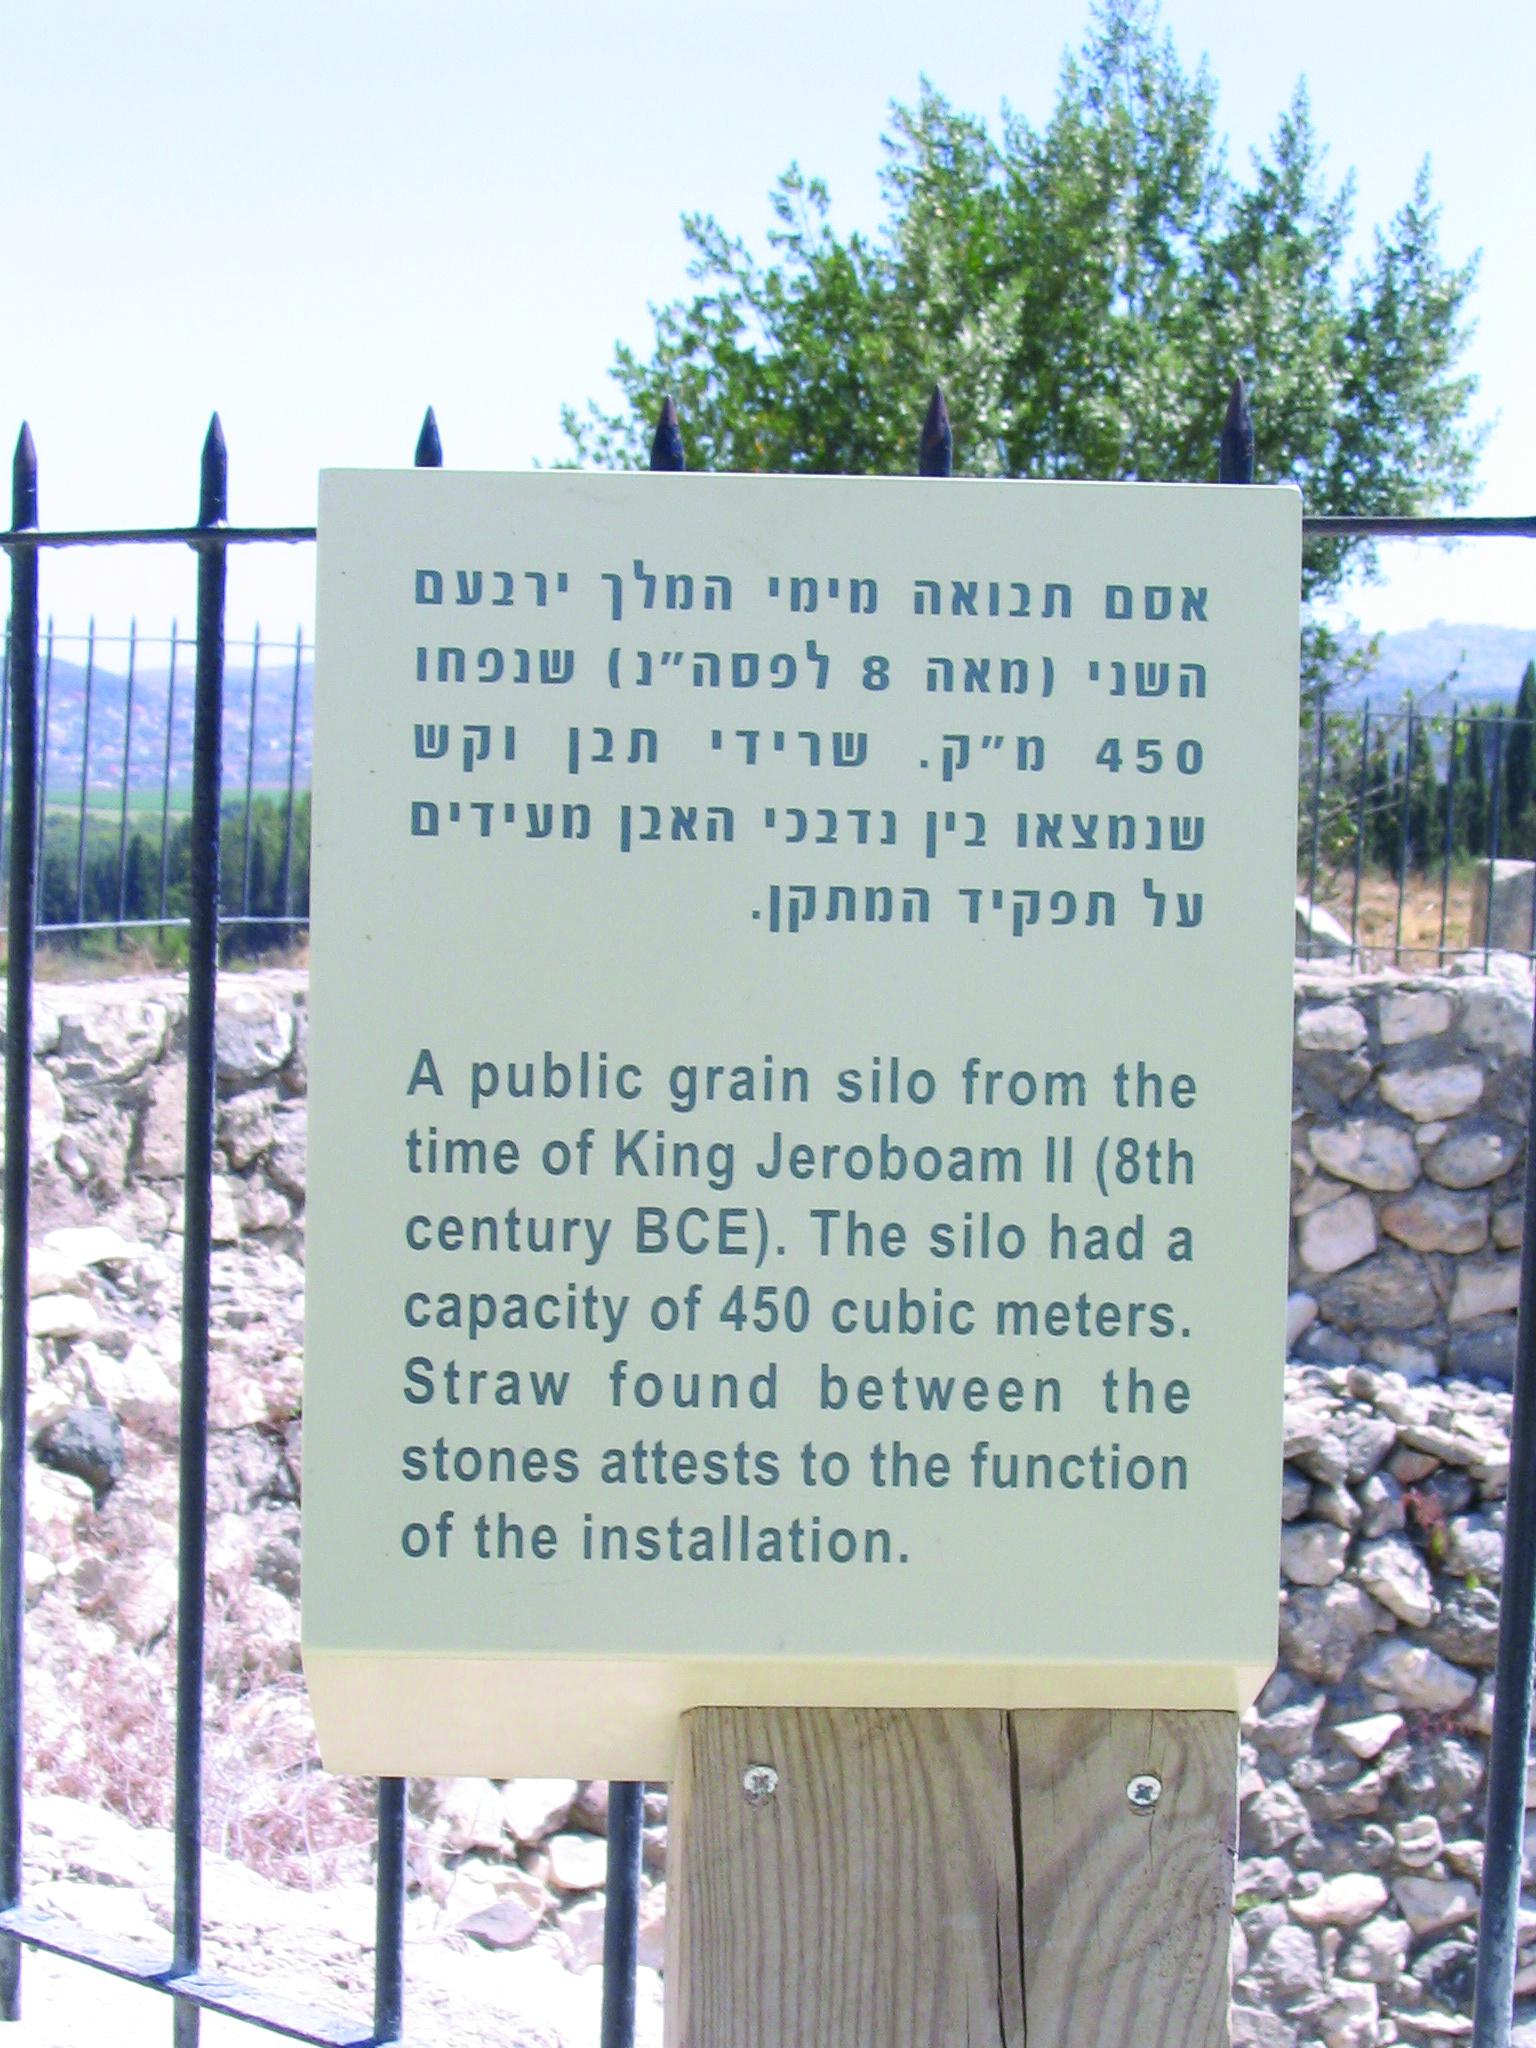 Ancient Grain Silo In Megiddo Israel